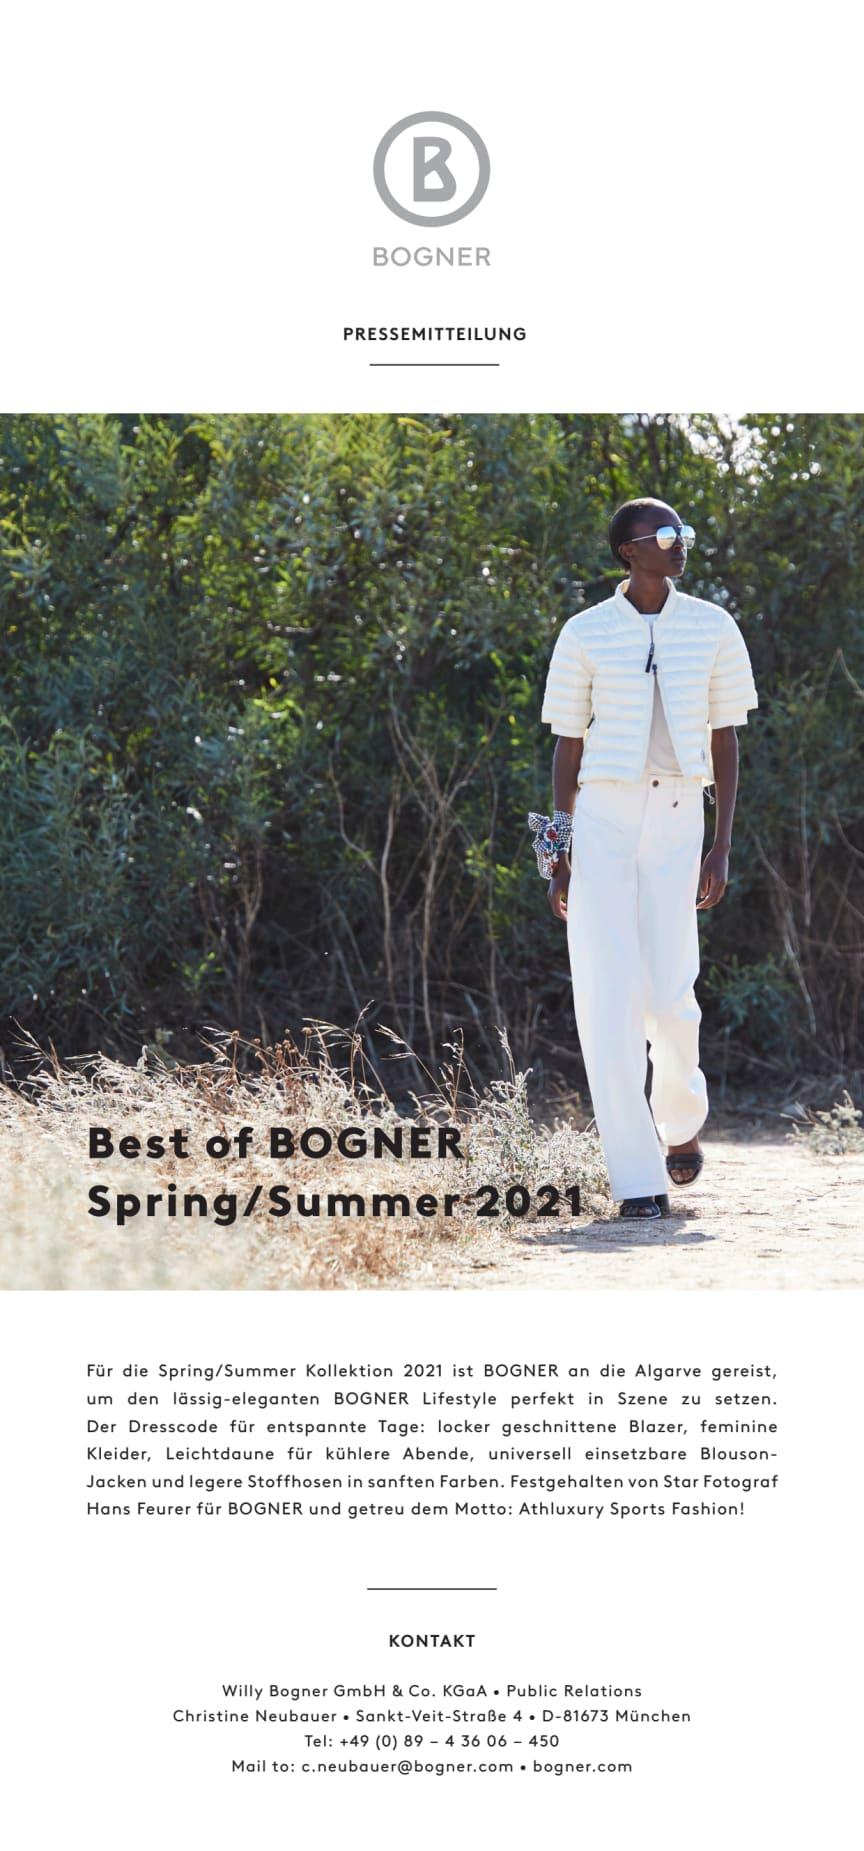 Best of BOGNER Spring/Summer 2021